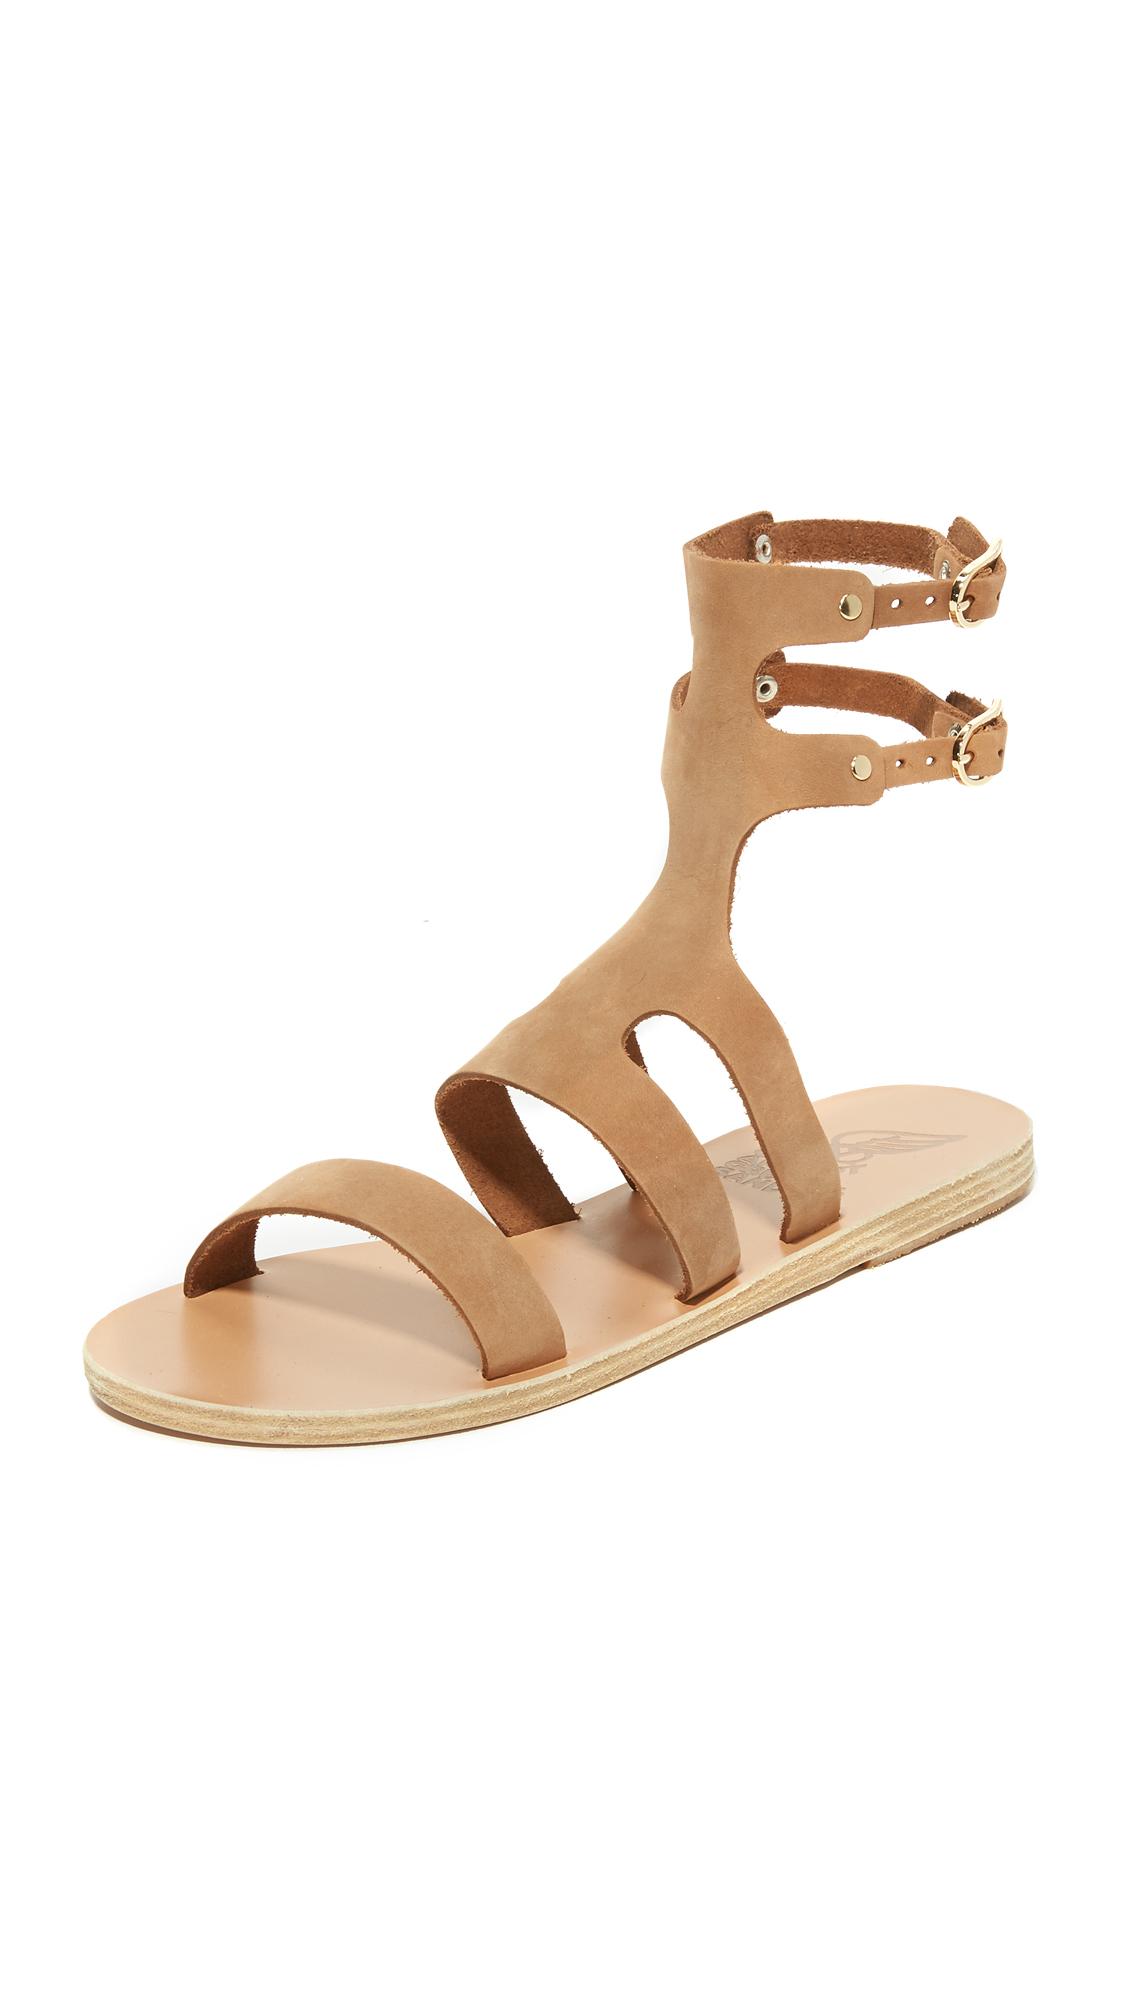 Ancient Greek Sandals Agapi Sandals - Cappuccino at Shopbop